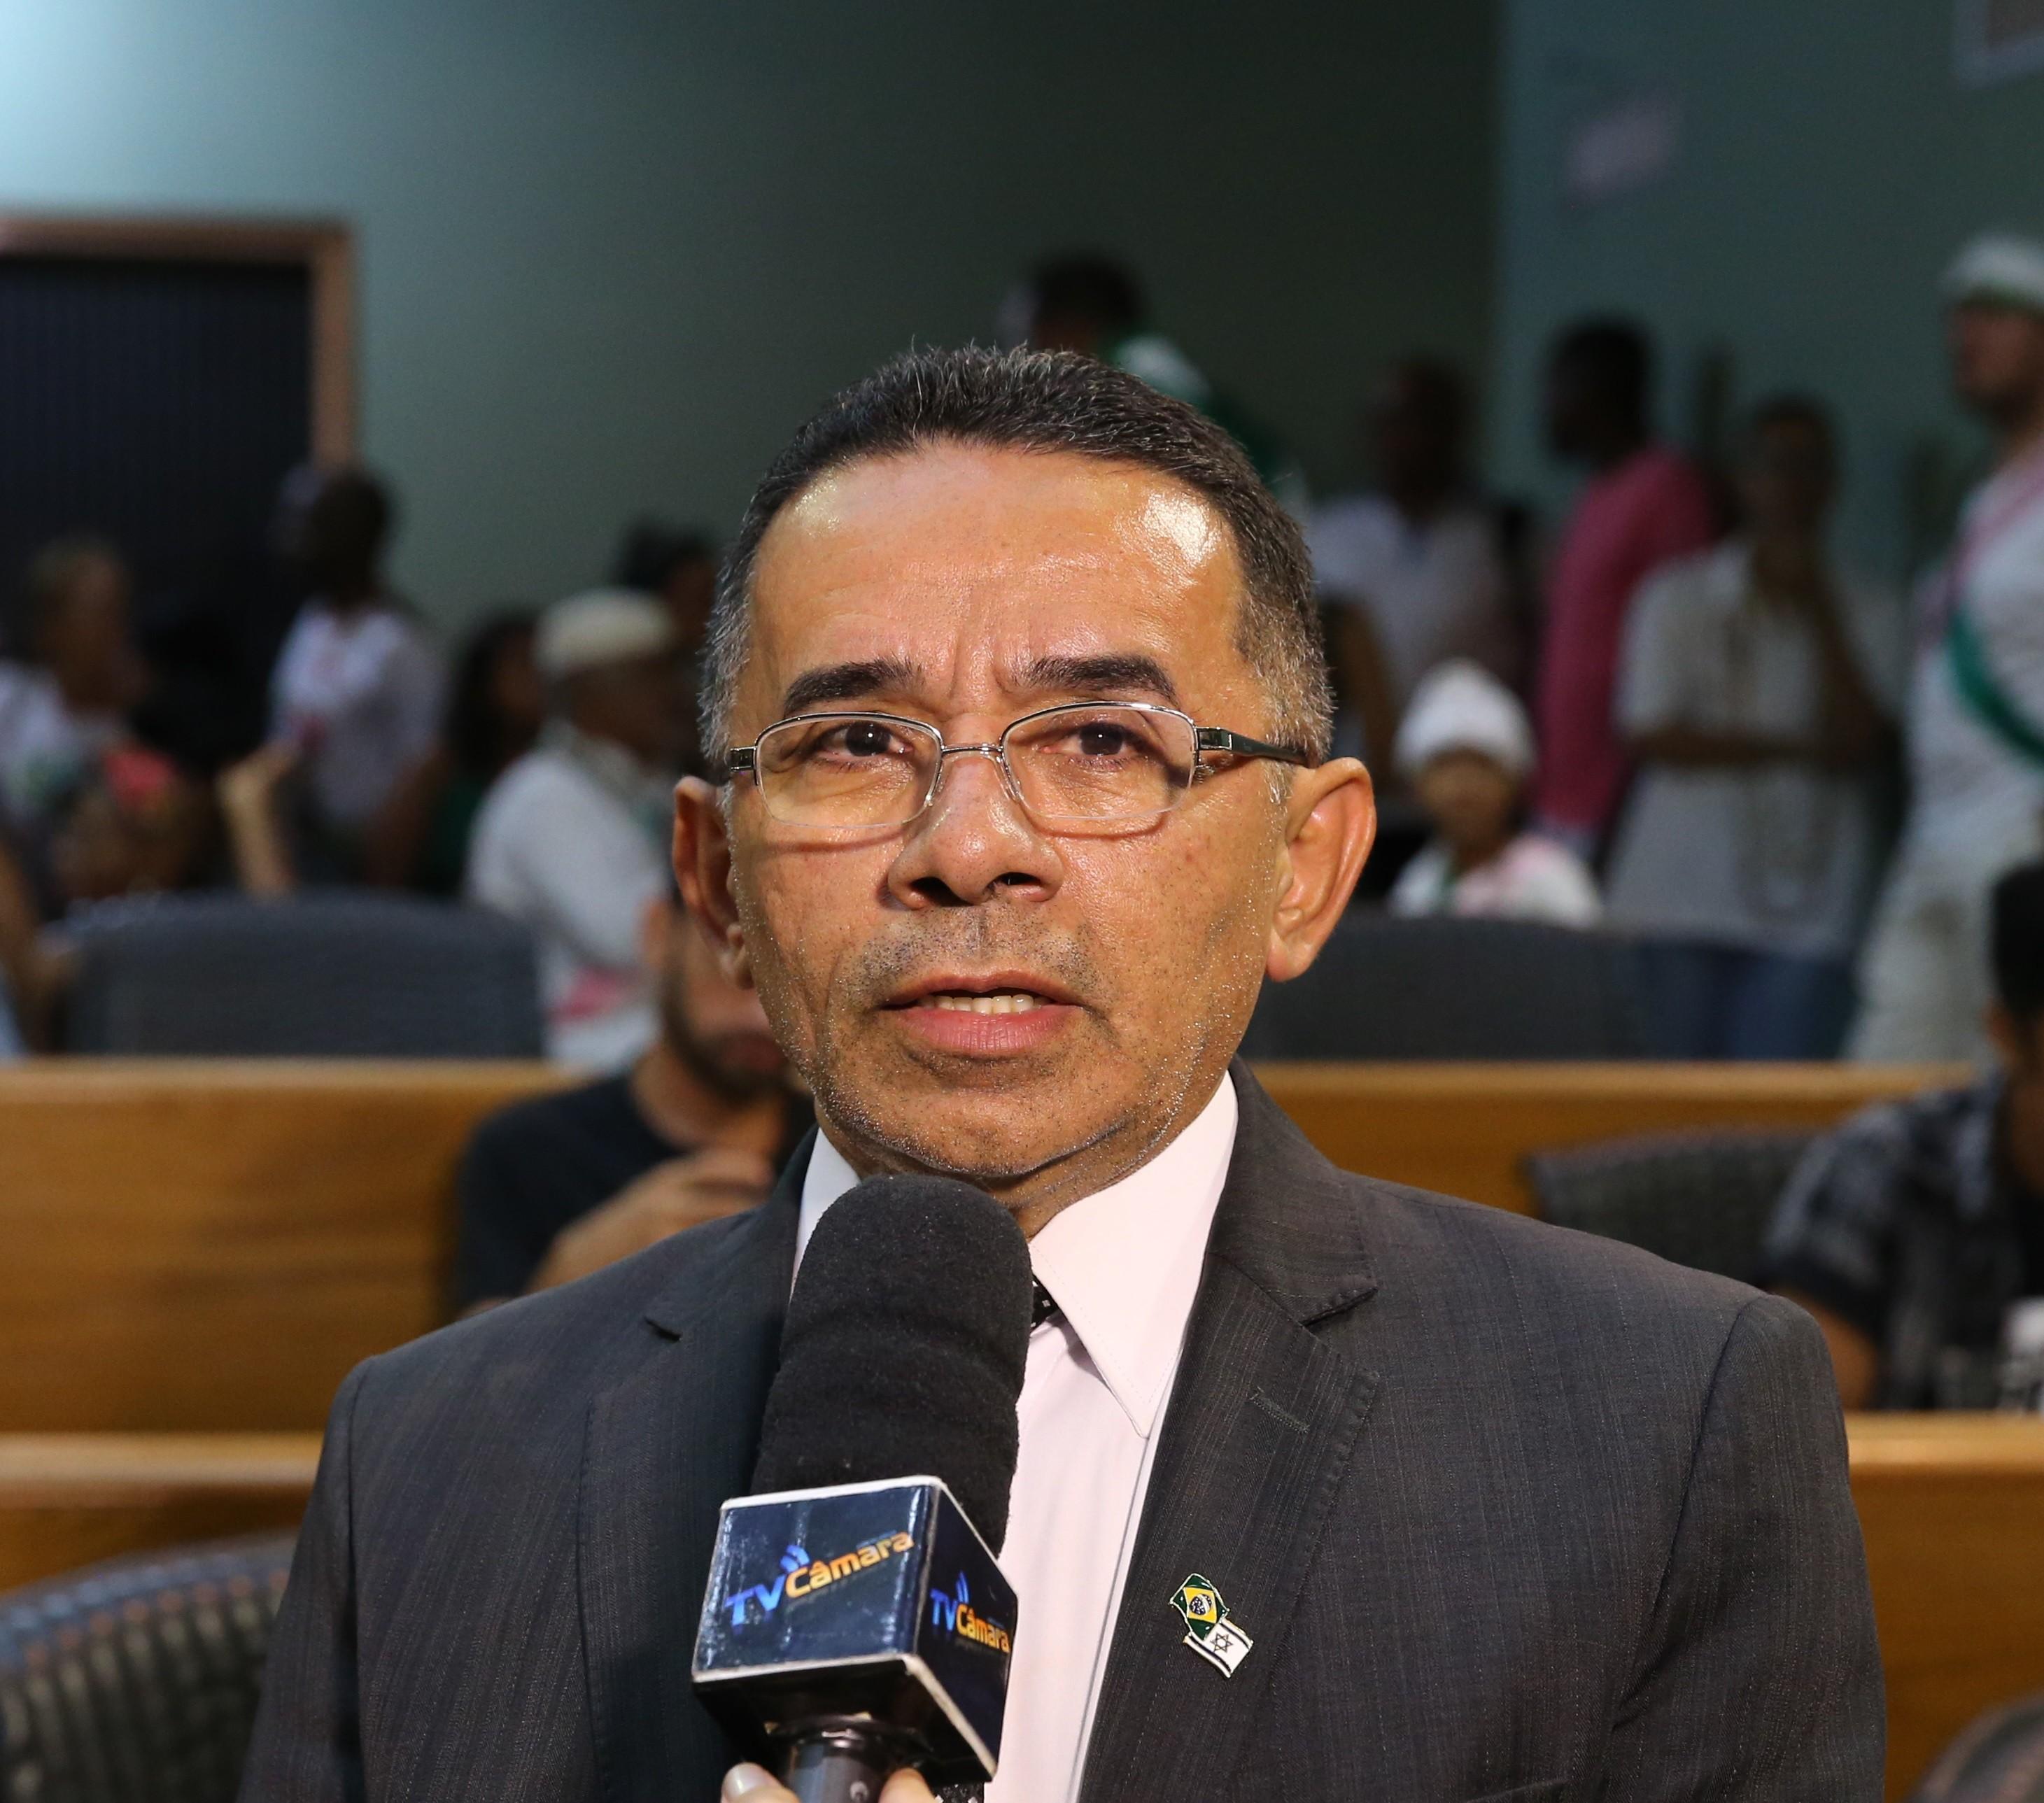 Comissão apresenta parecer favorável à cassação do vereador afastado Isac Cruz em Uberlândia